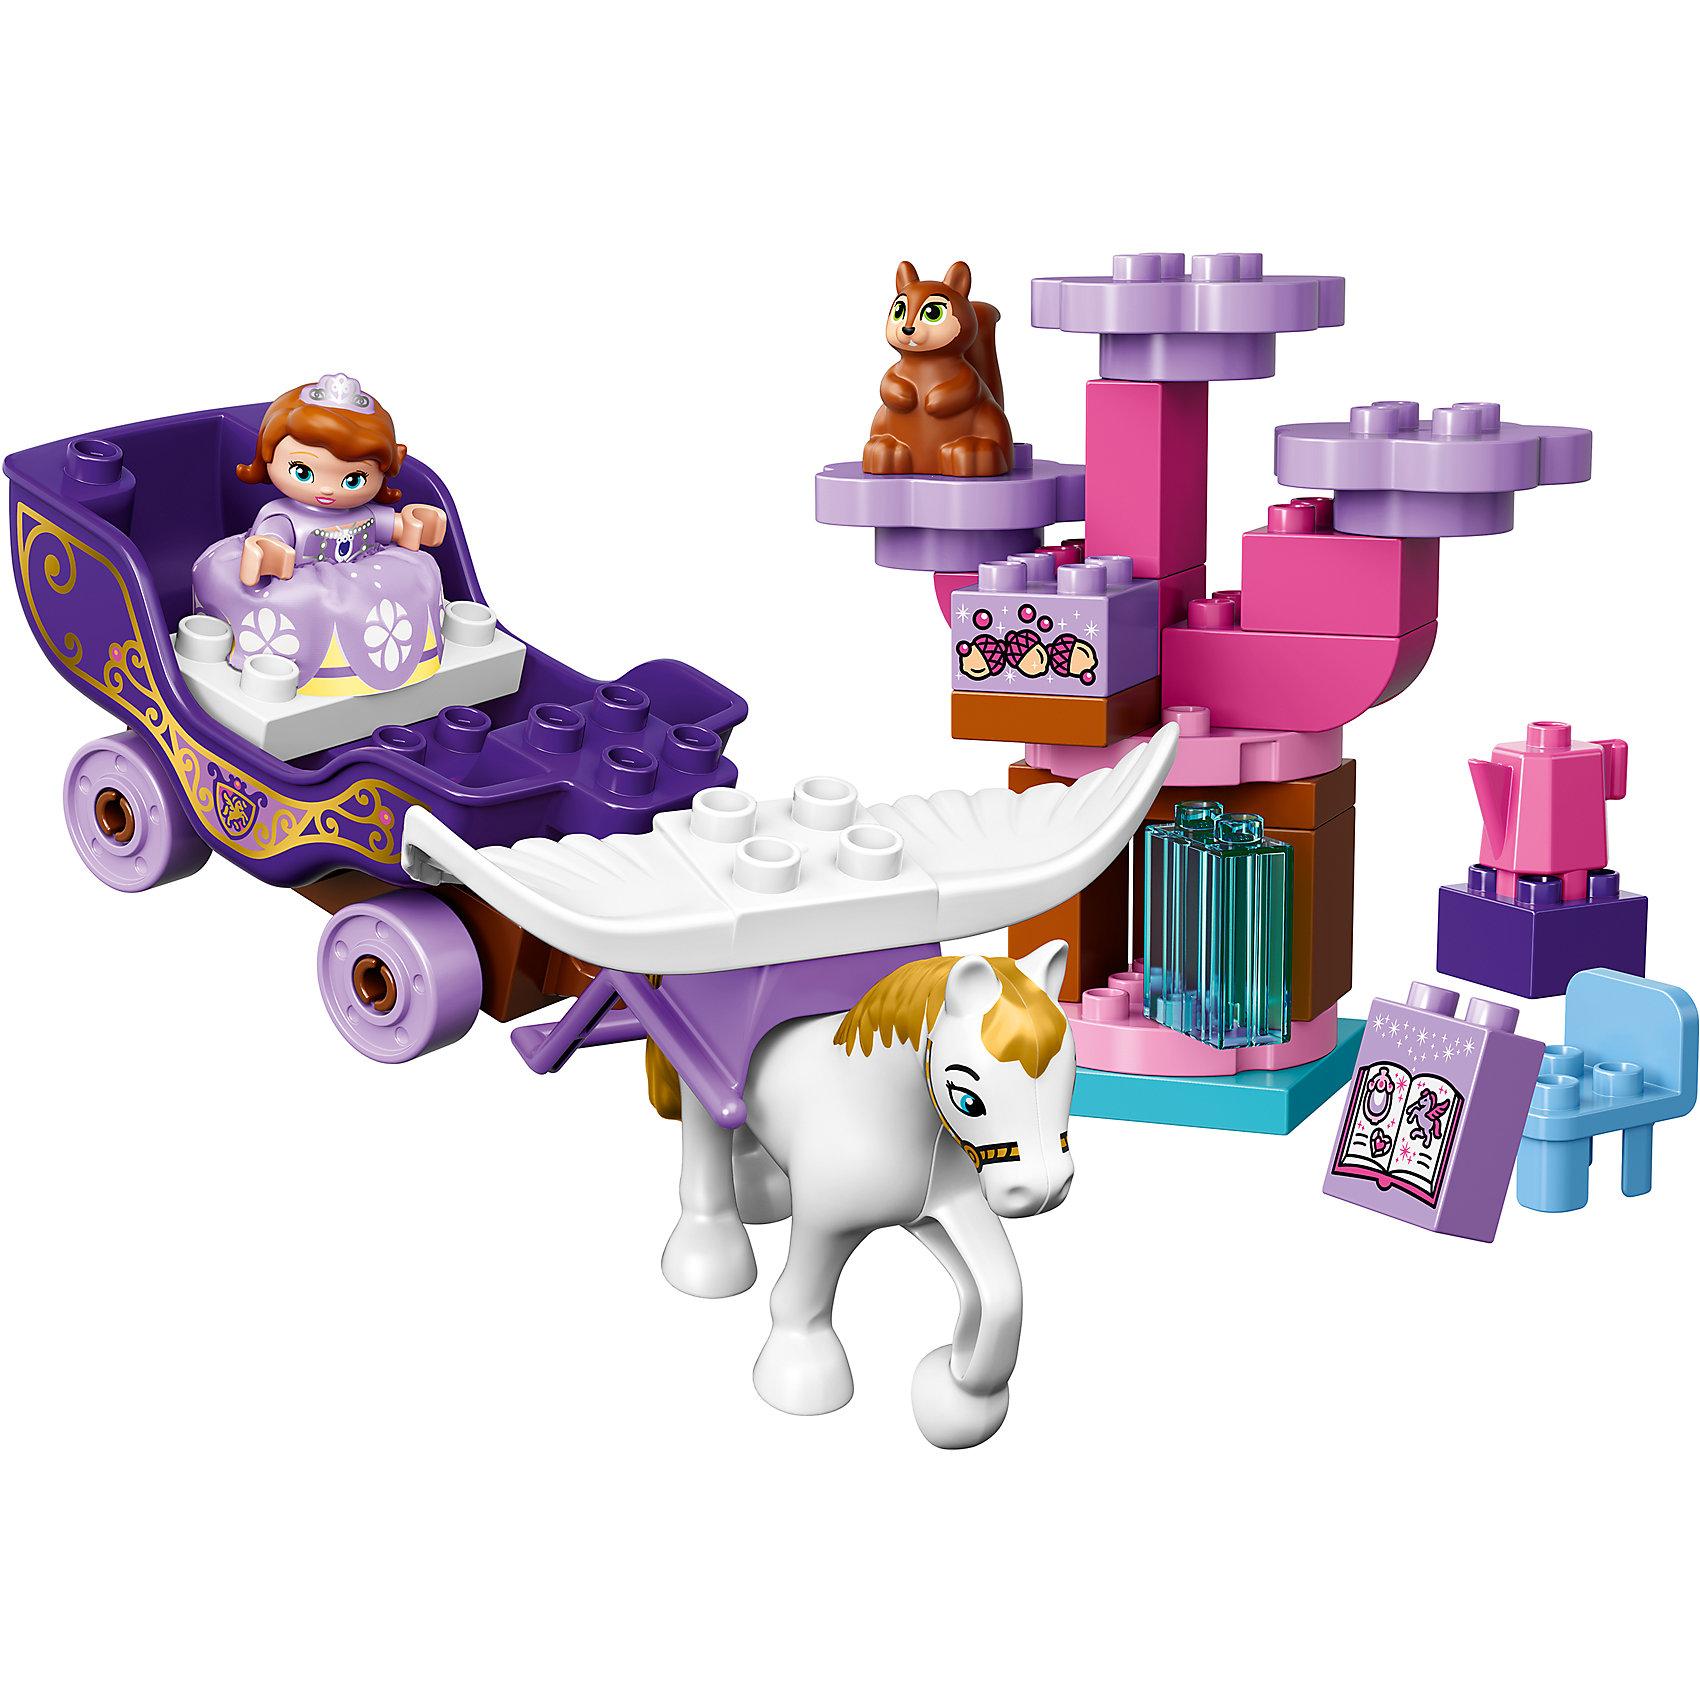 LEGO DUPLO 10822: Волшебная карета Софии ПрекраснойГероиню мультфильма София Прекрасная обожает большинство современных девочек, поэтому набор из фигурок и конструктора в этой тематике обязательно обрадует ребенка. Игры с такими комплектами помогают детям развивать воображение, мелкую моторику, логику и творческое мышление.<br>Набор состоит из волшебной кареты Софии, запряжённой её летающим конём, Великим Минимусом. Также здесь есть волшебное дерево с белкой Орешек и другие аксессуары. С таким комплектом можно придумать множество игр!<br><br>Дополнительная информация:<br><br>цвет: разноцветный;<br>размер коробки: 282 x 262 x 76 мм;<br>материал: пластик.<br><br>Комплект Волшебная карета Софии Прекрасной от компании LEGO DUPLO можно купить в нашем магазине.<br><br>Ширина мм: 76<br>Глубина мм: 282<br>Высота мм: 262<br>Вес г: 511<br>Возраст от месяцев: 24<br>Возраст до месяцев: 60<br>Пол: Унисекс<br>Возраст: Детский<br>SKU: 4906925